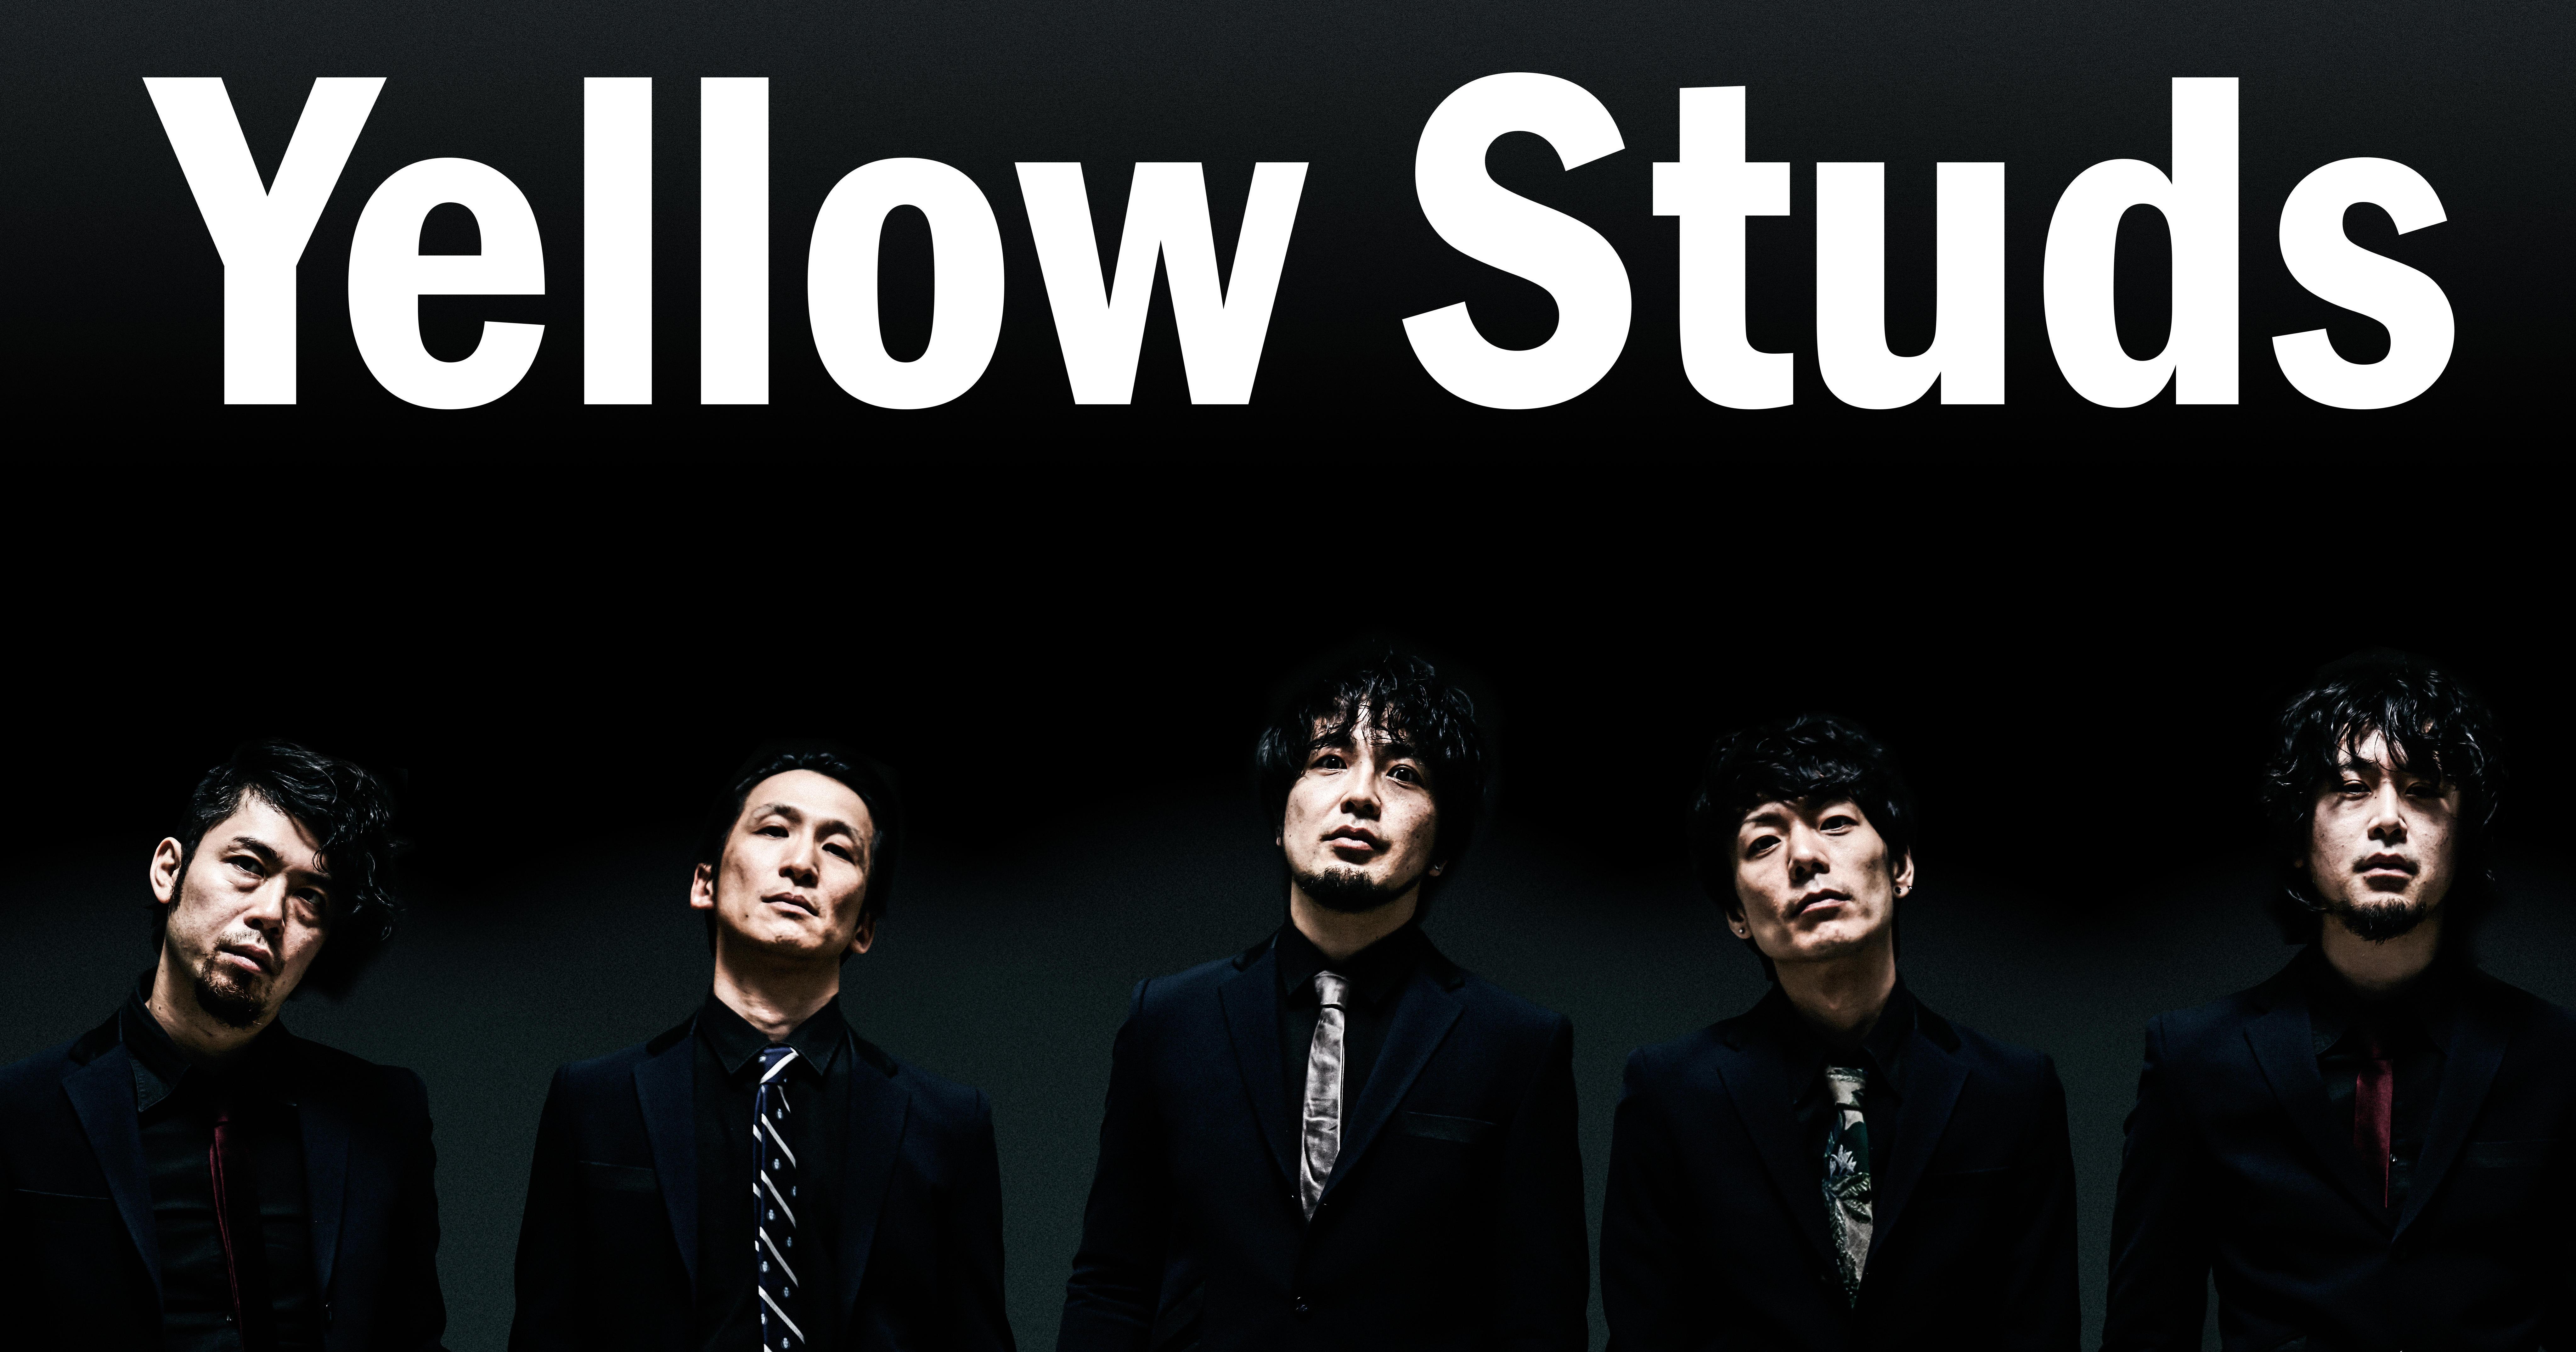 Yellow Studs / アシュラシンドローム / ビレッジマンズストア